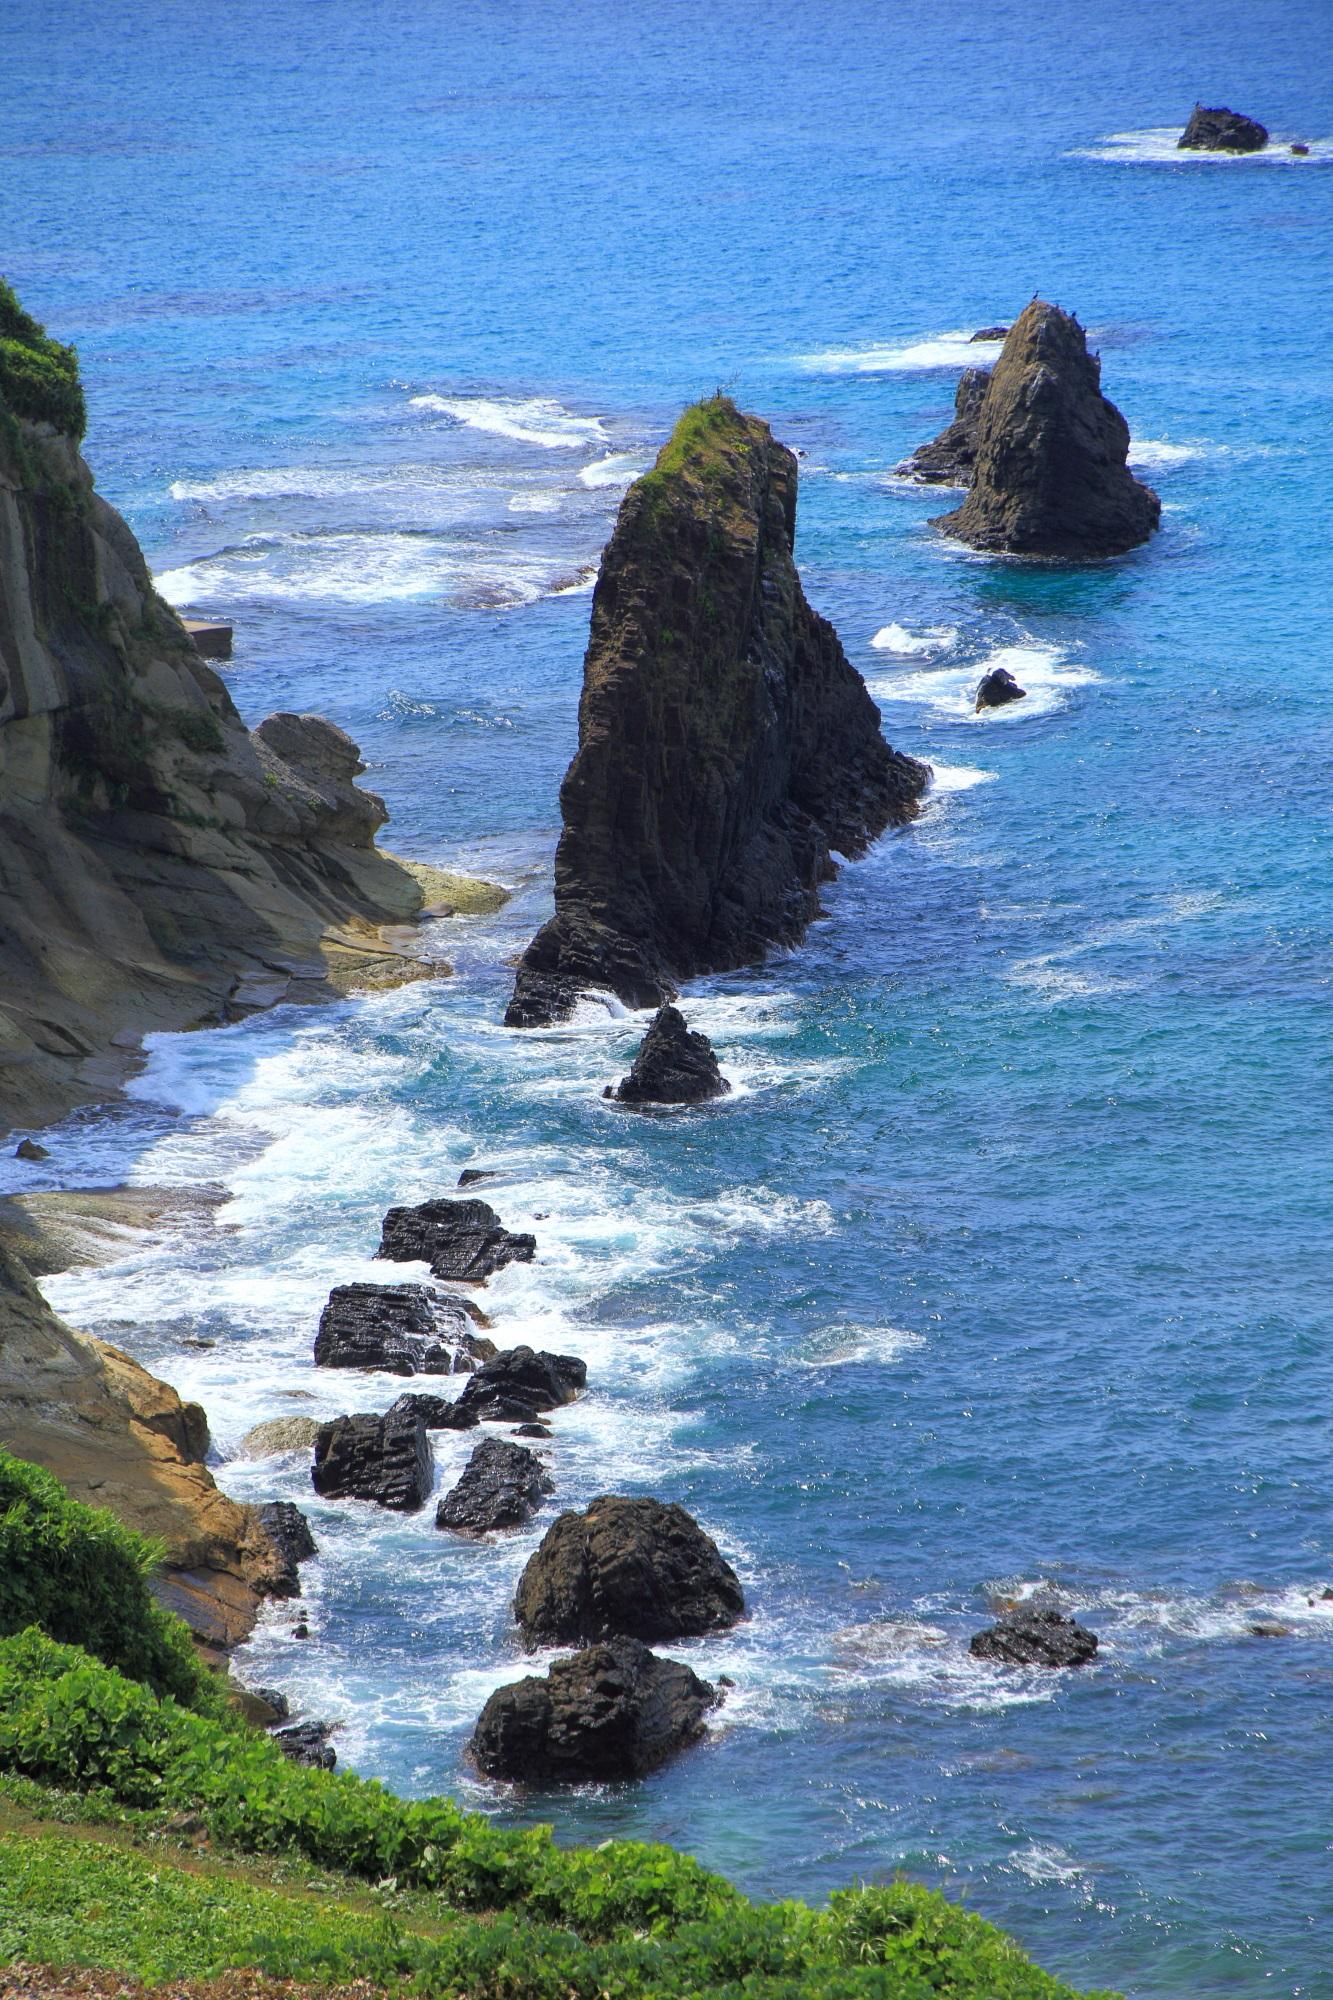 屏風岩や岸壁に当たる綺麗な白波